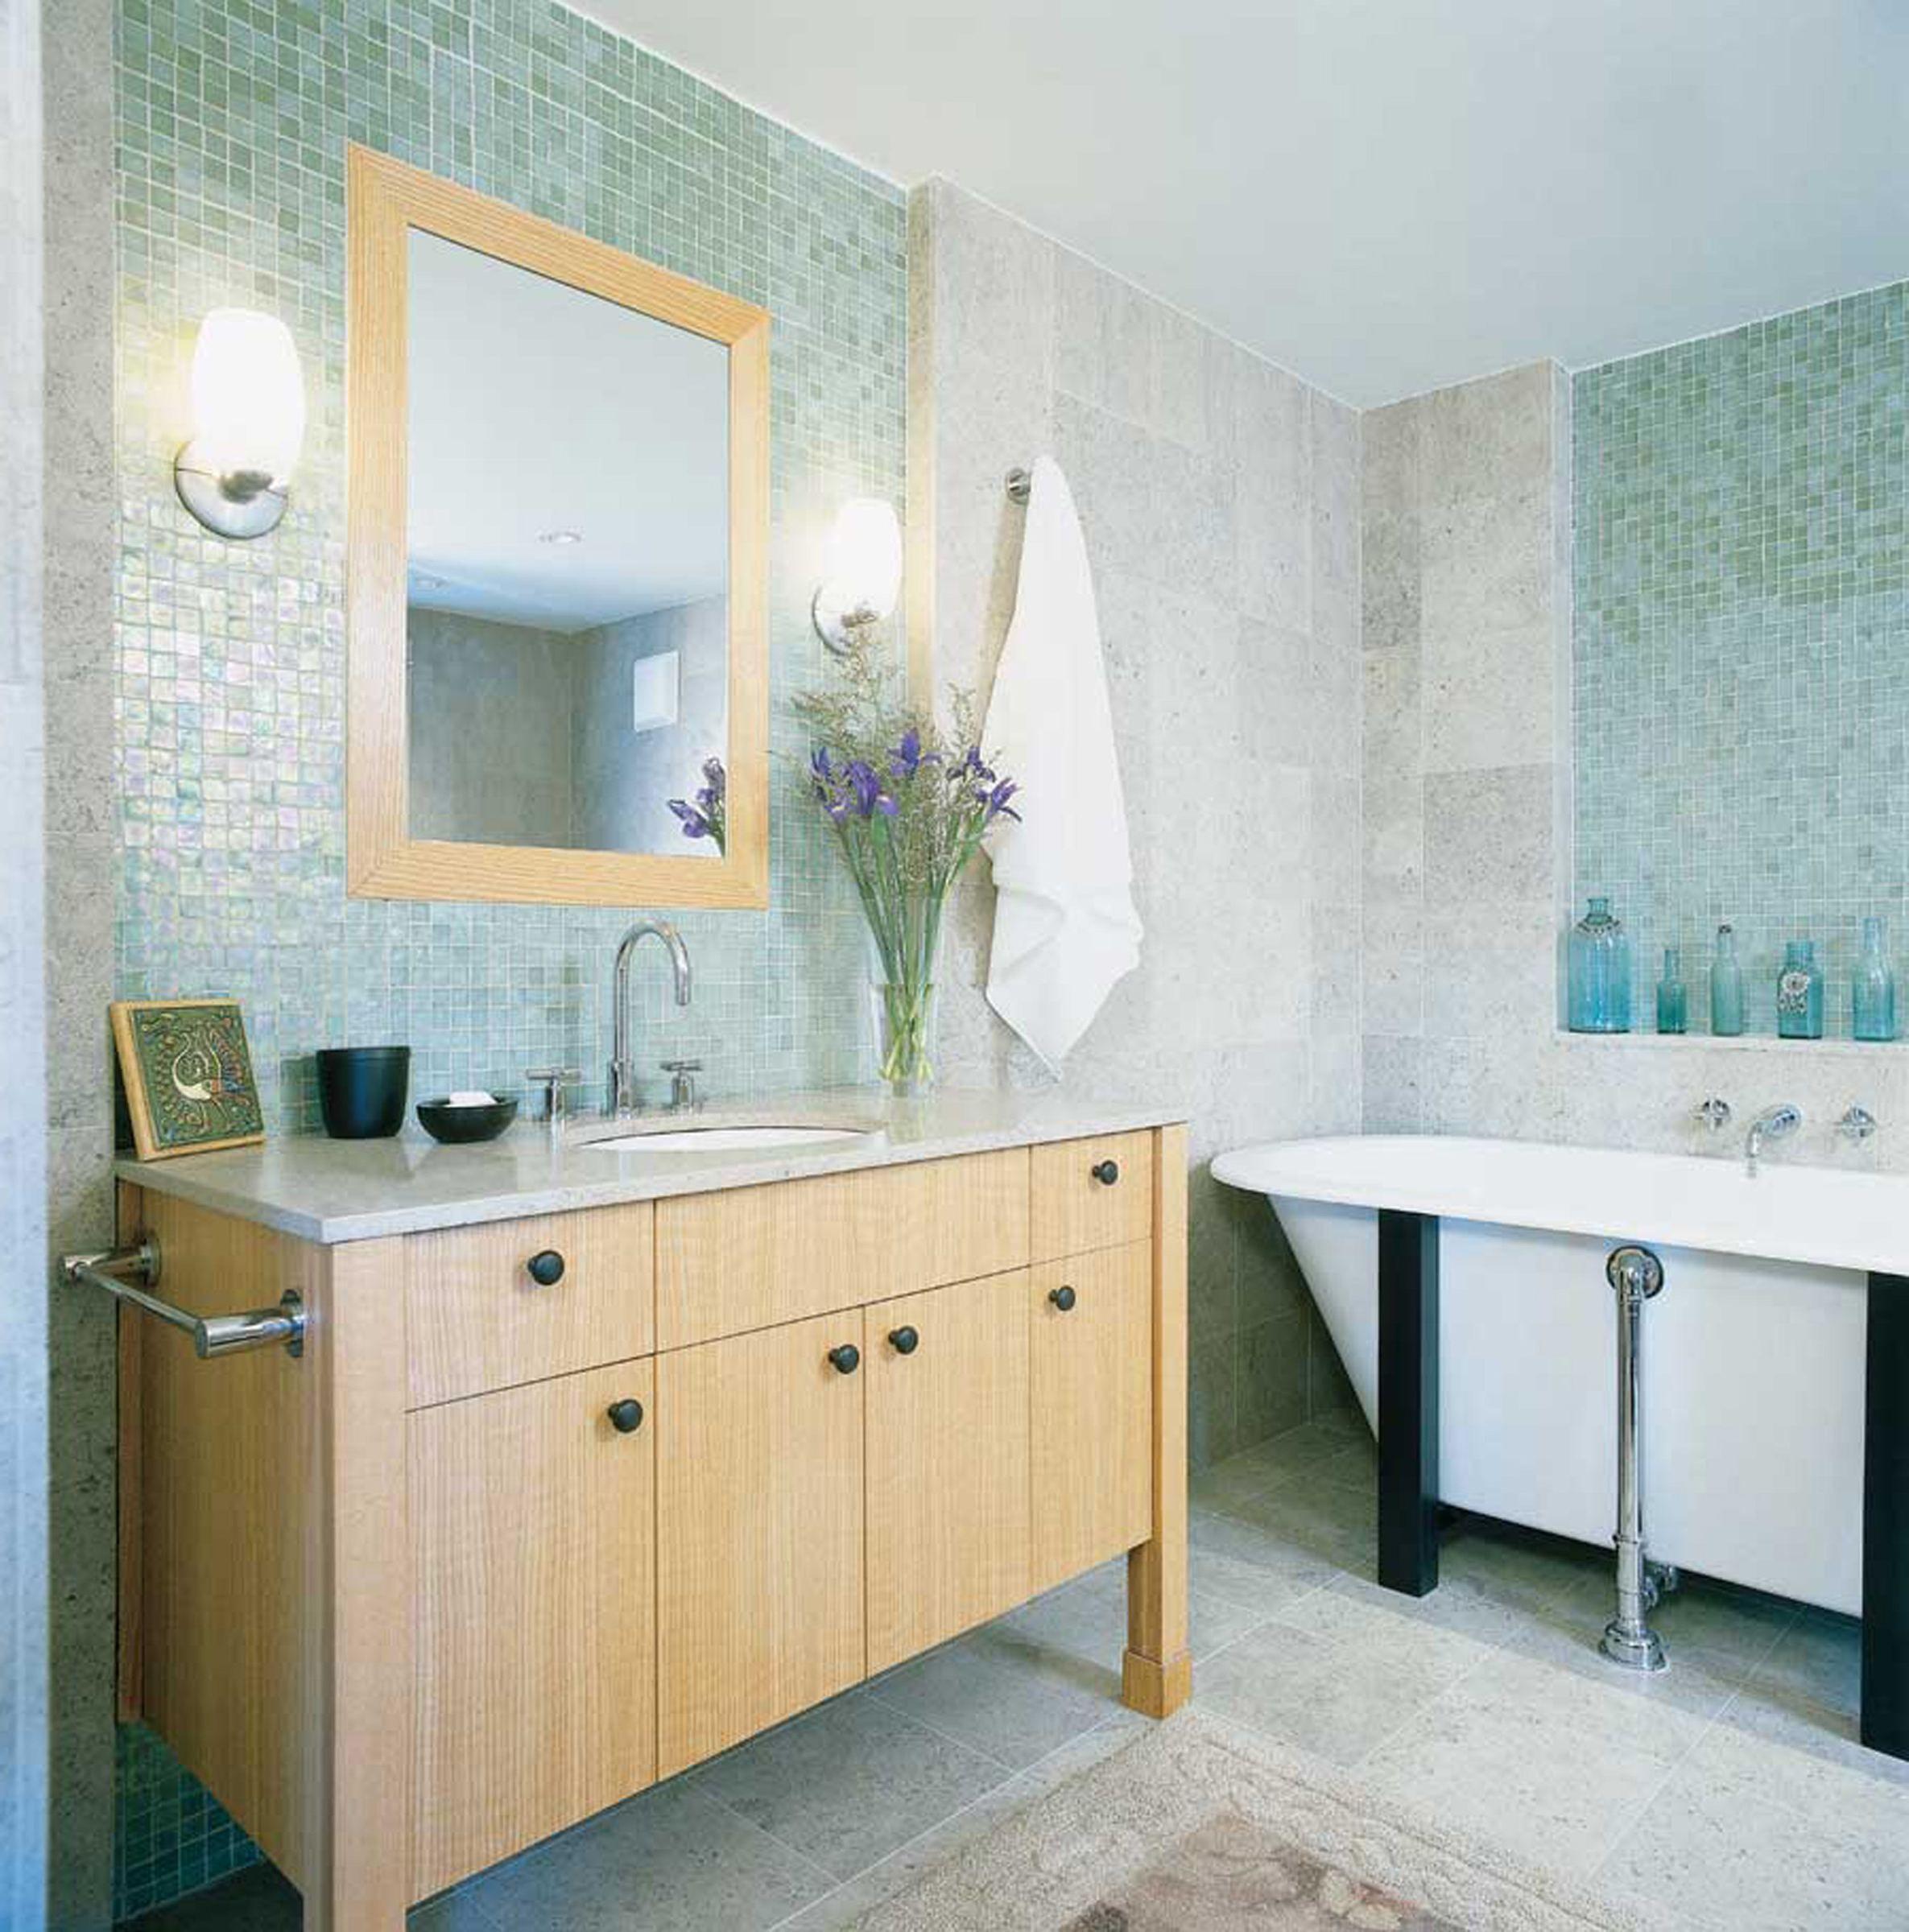 Badezimmer eitelkeiten mit oberen speicher  gute grüne und braune badezimmer bilder design  mehr auf unserer